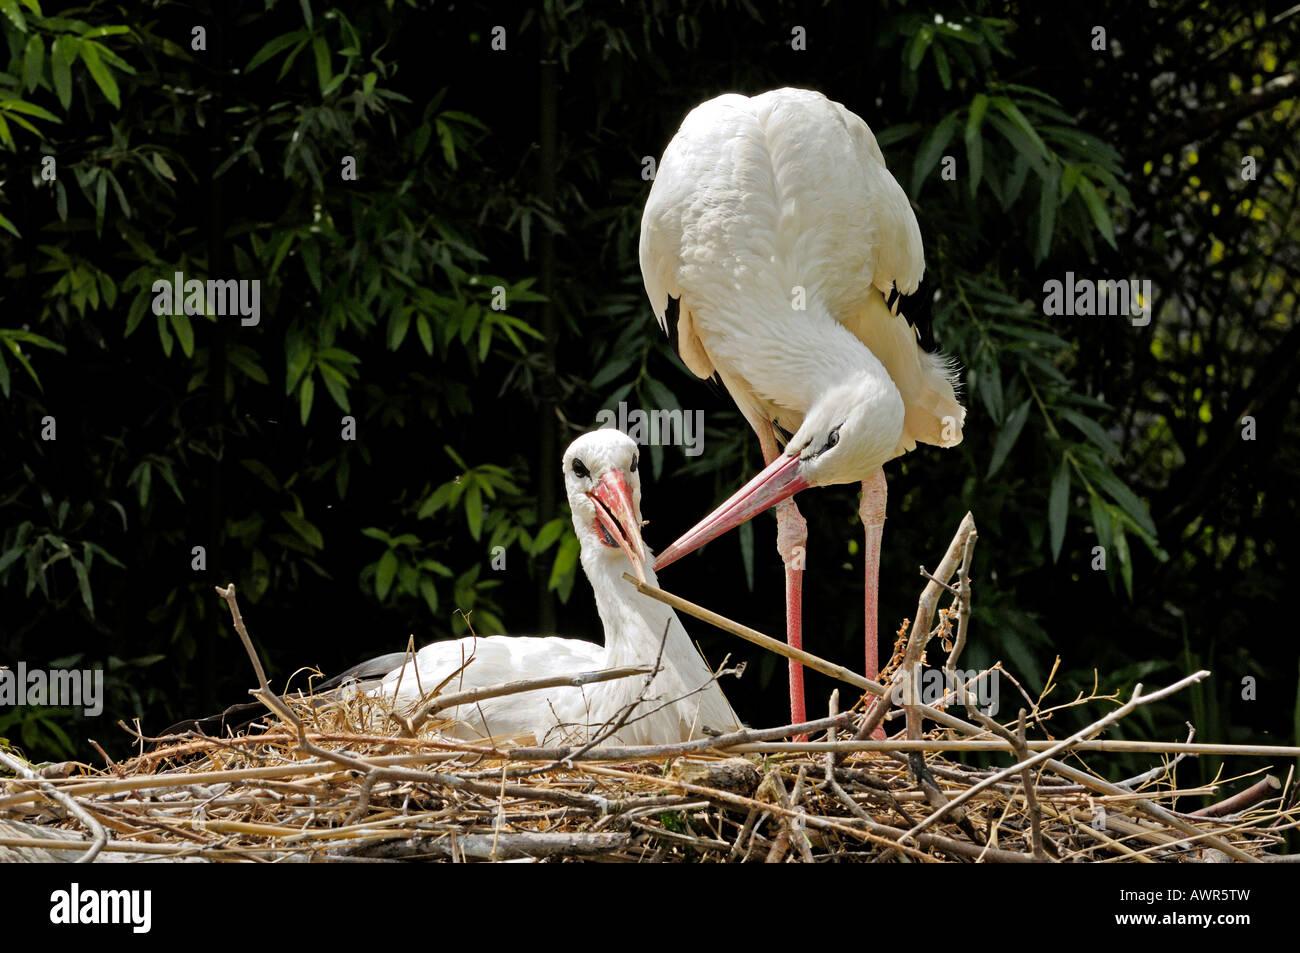 Affectionate white storks (Ciconia ciconia), Zurich Zoo, Zurich, Switzerland, Europe Stock Photo